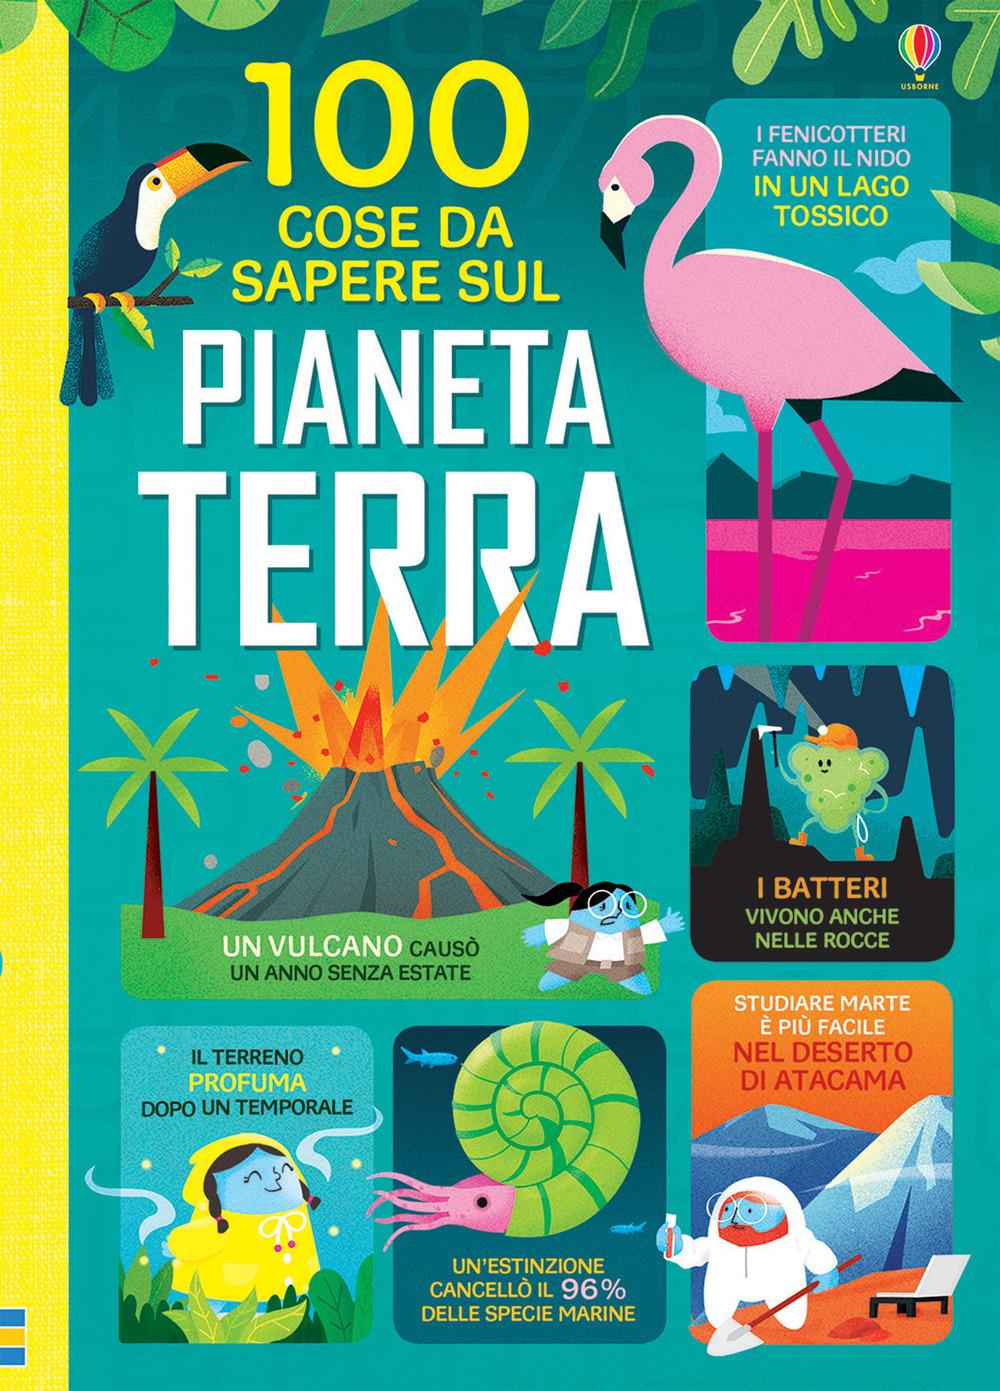 Libri 100 Cose Da Sapere Sul Pianeta Terra NUOVO SIGILLATO, EDIZIONE DEL 02/03/2020 SUBITO DISPONIBILE